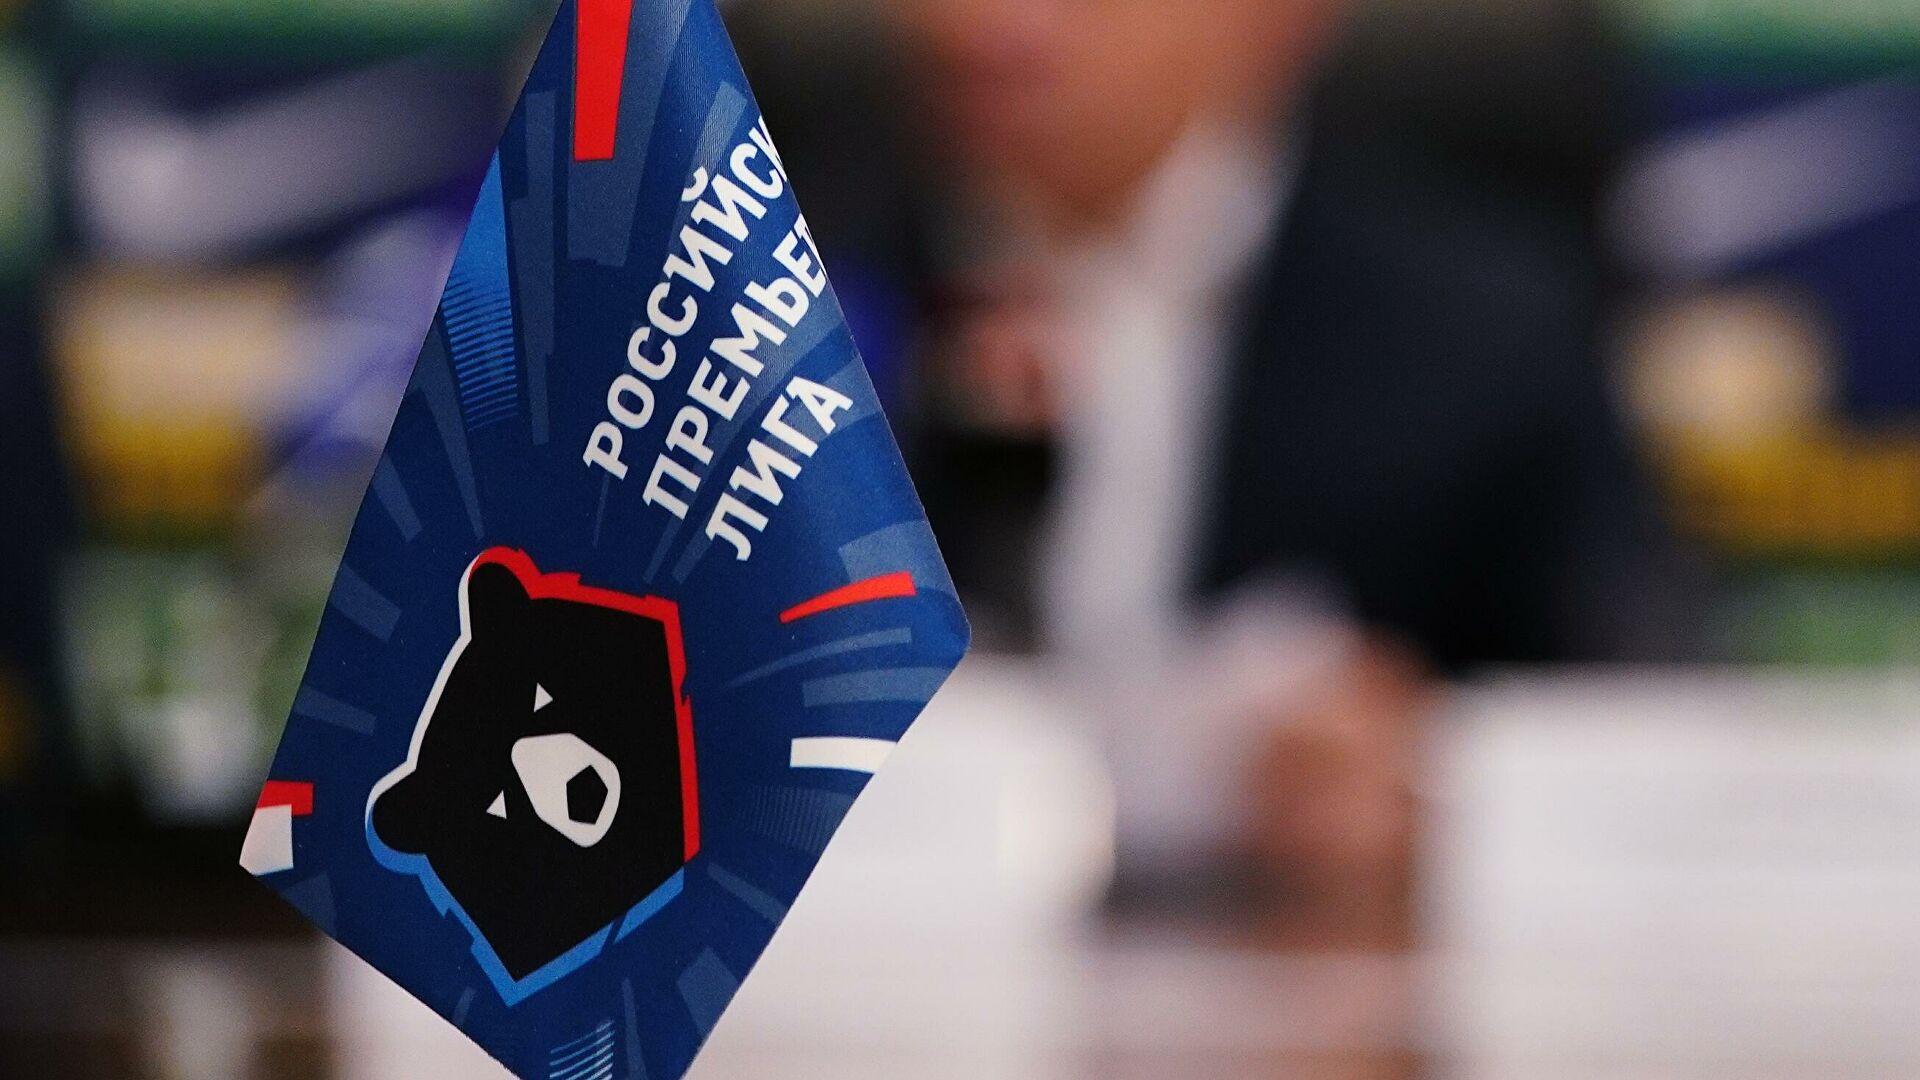 «Матч ТВ» может остаться без прав натрансляцию матчей РПЛ